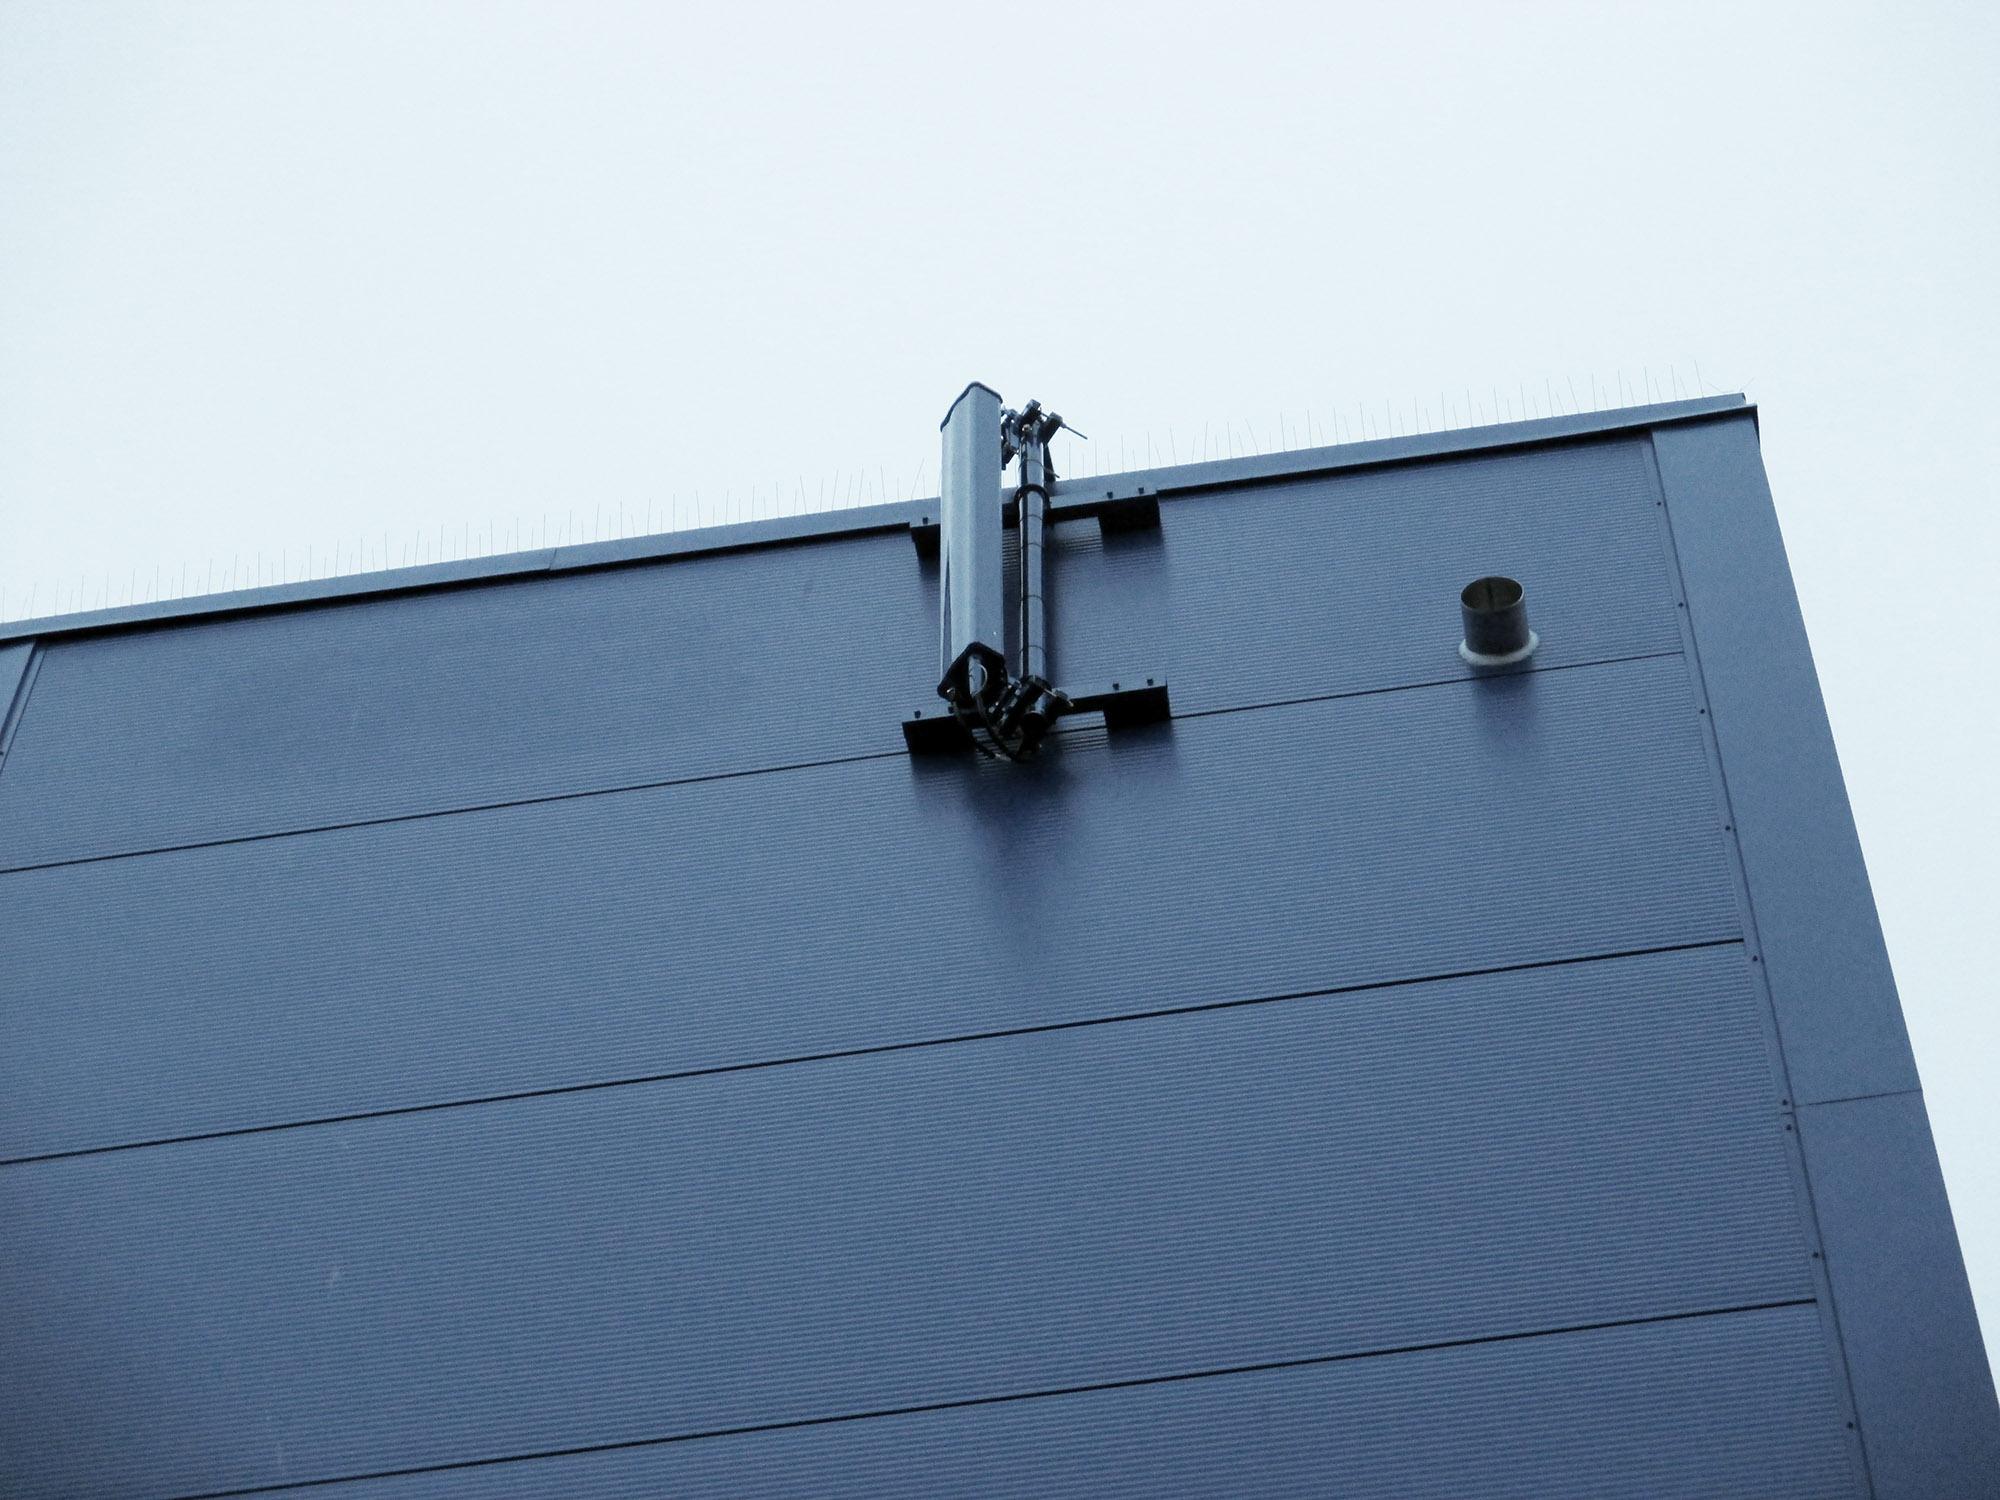 Väggmontage av antenn utsida